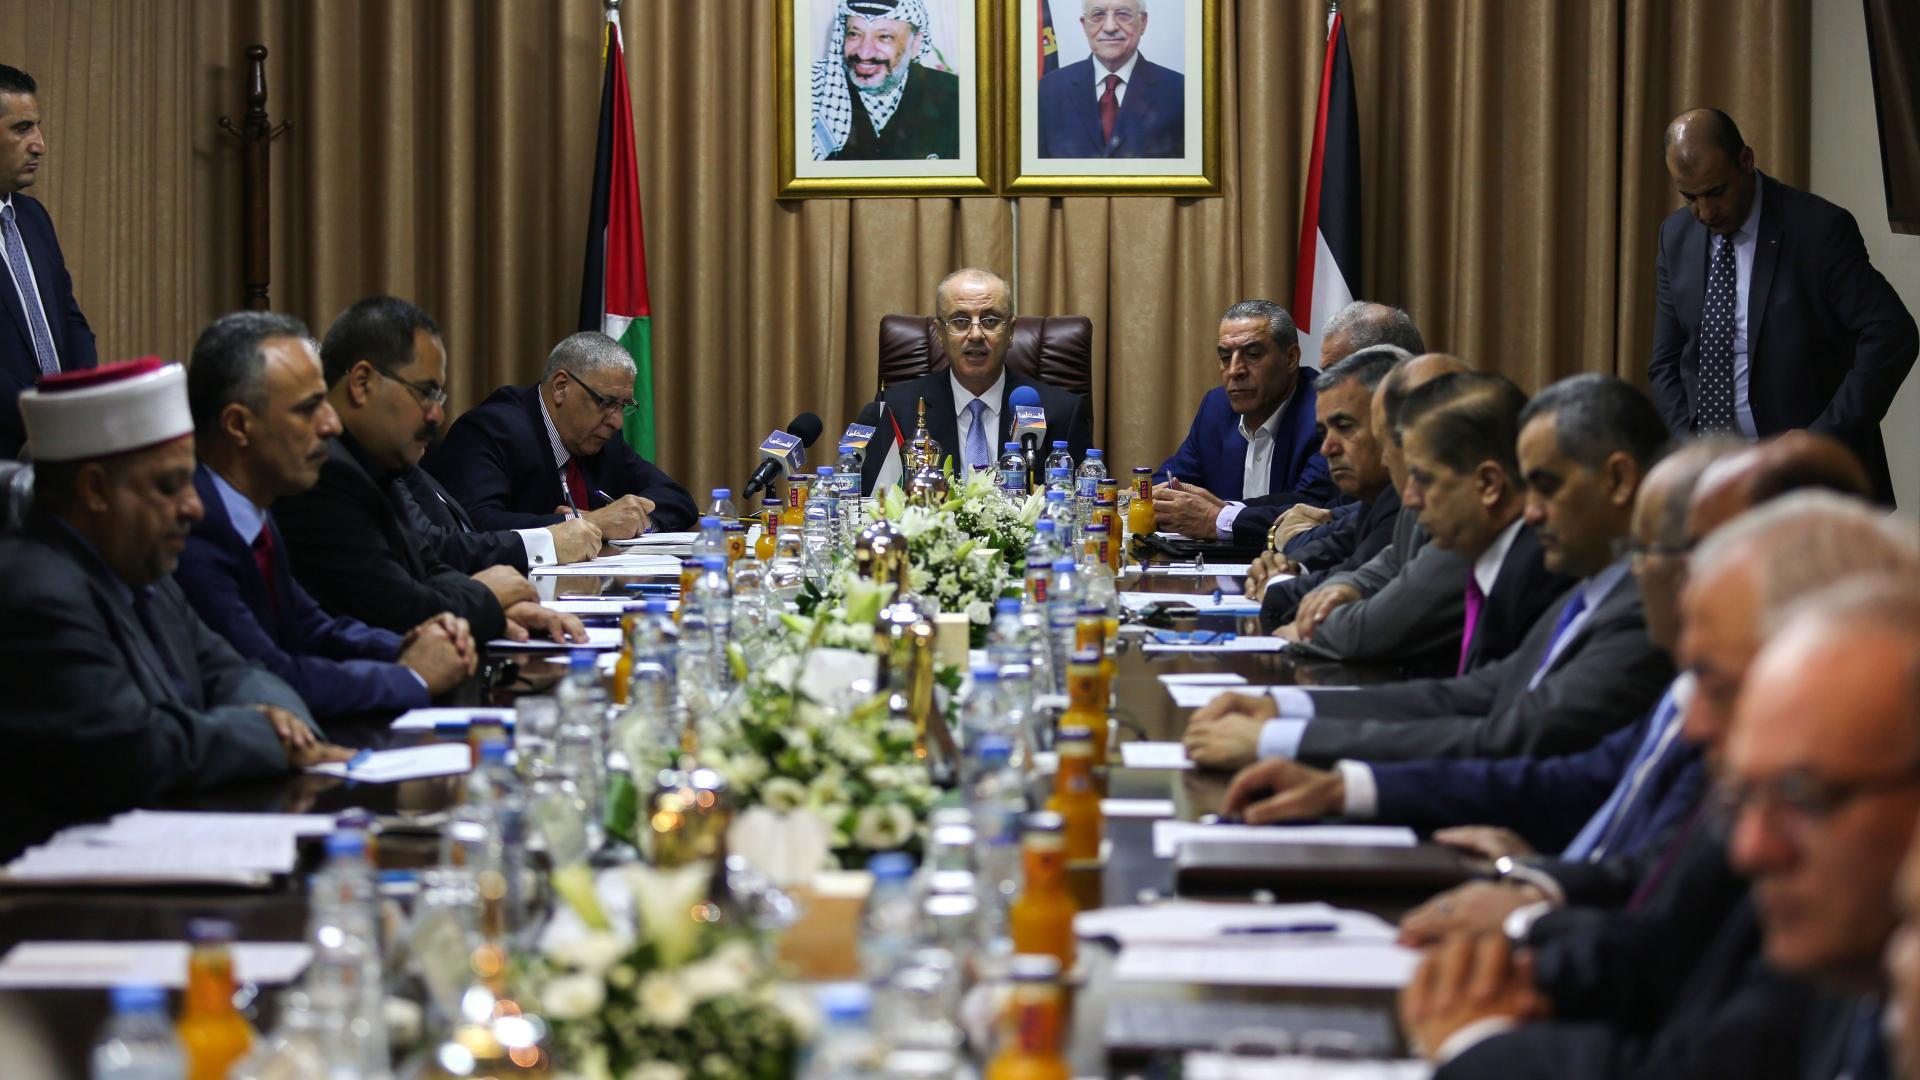 الحكومة الفلسطينية تقدم استقالتها للرئيس محمود عباس